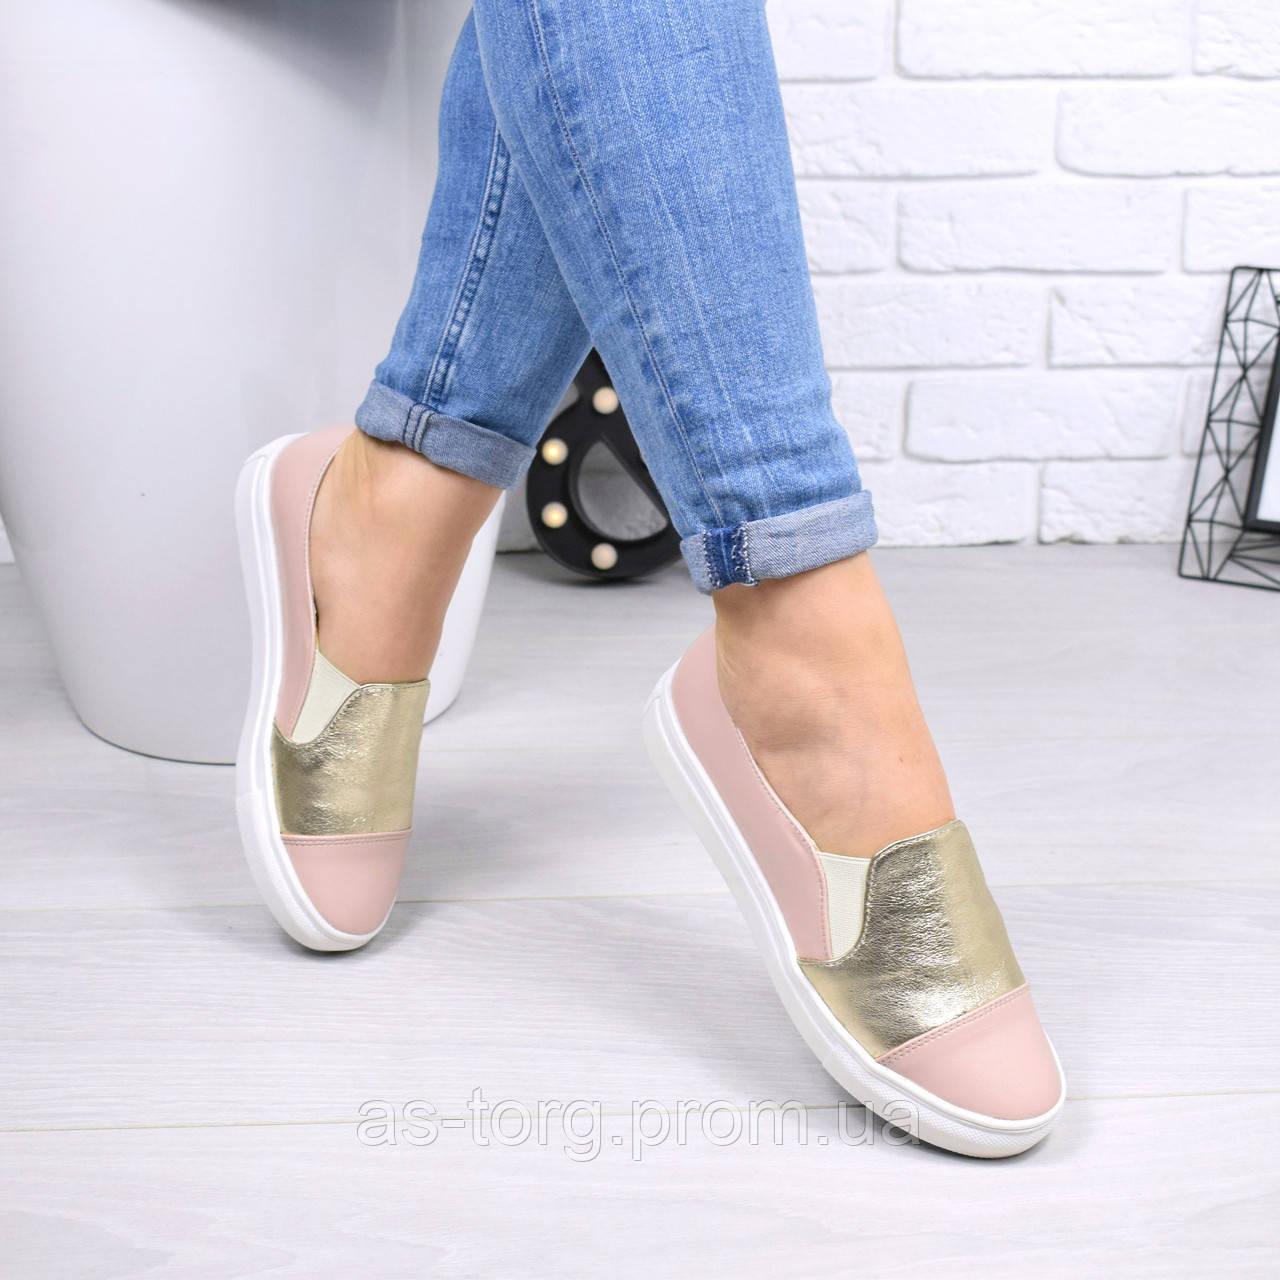 8b254cbe9778 Кеды мокасины слипоны женские Amour пудра с золотом 4922, спортивная обувь,  фото 1